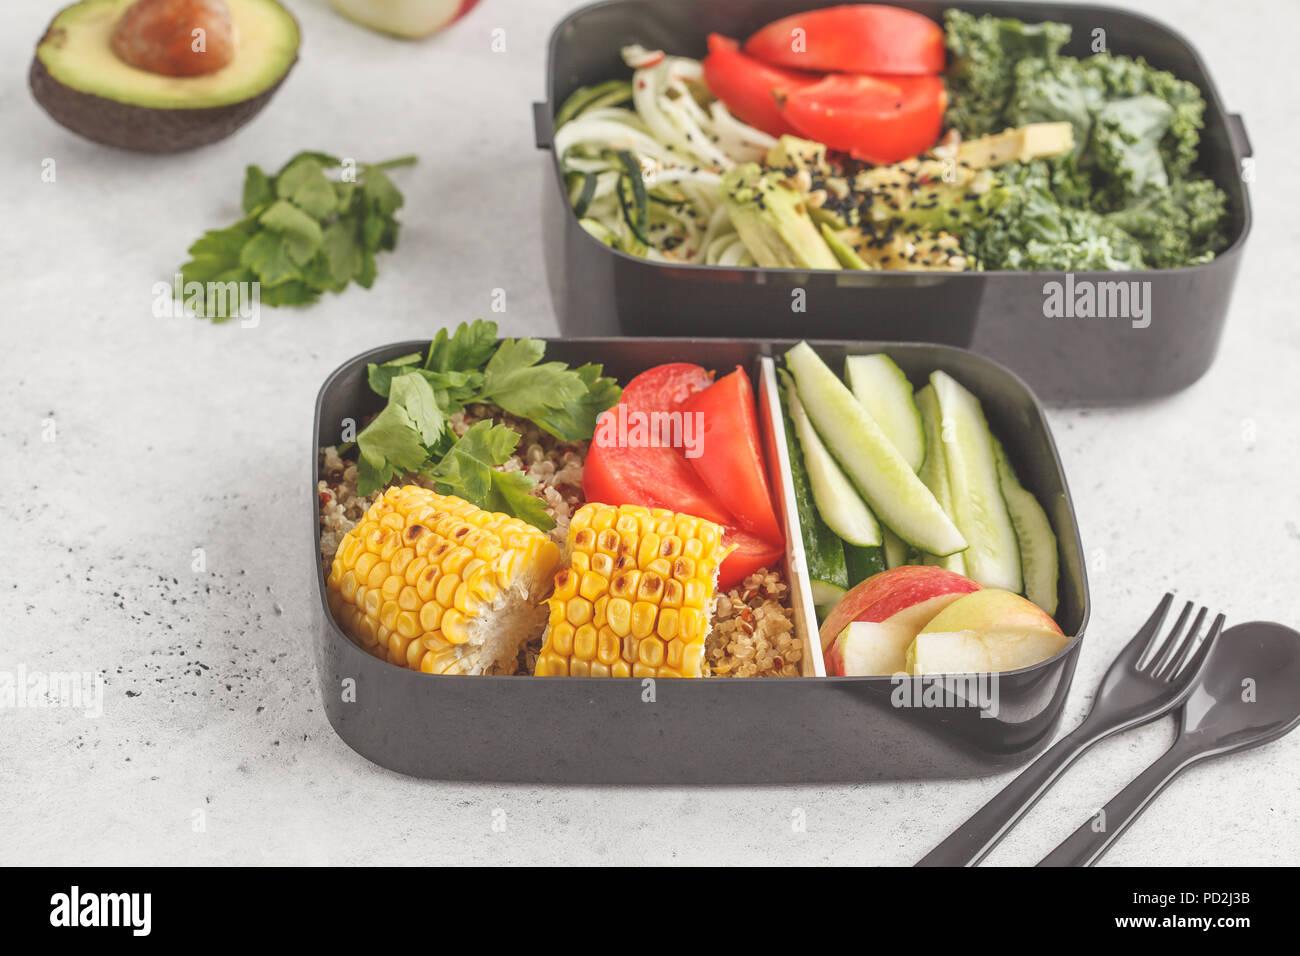 Recipientes de preparación de comidas saludables con quinoa, aguacate, maíz, zapallo fideos y col rizada. Comida para llevar. Fondo blanco, vista superior. Imagen De Stock